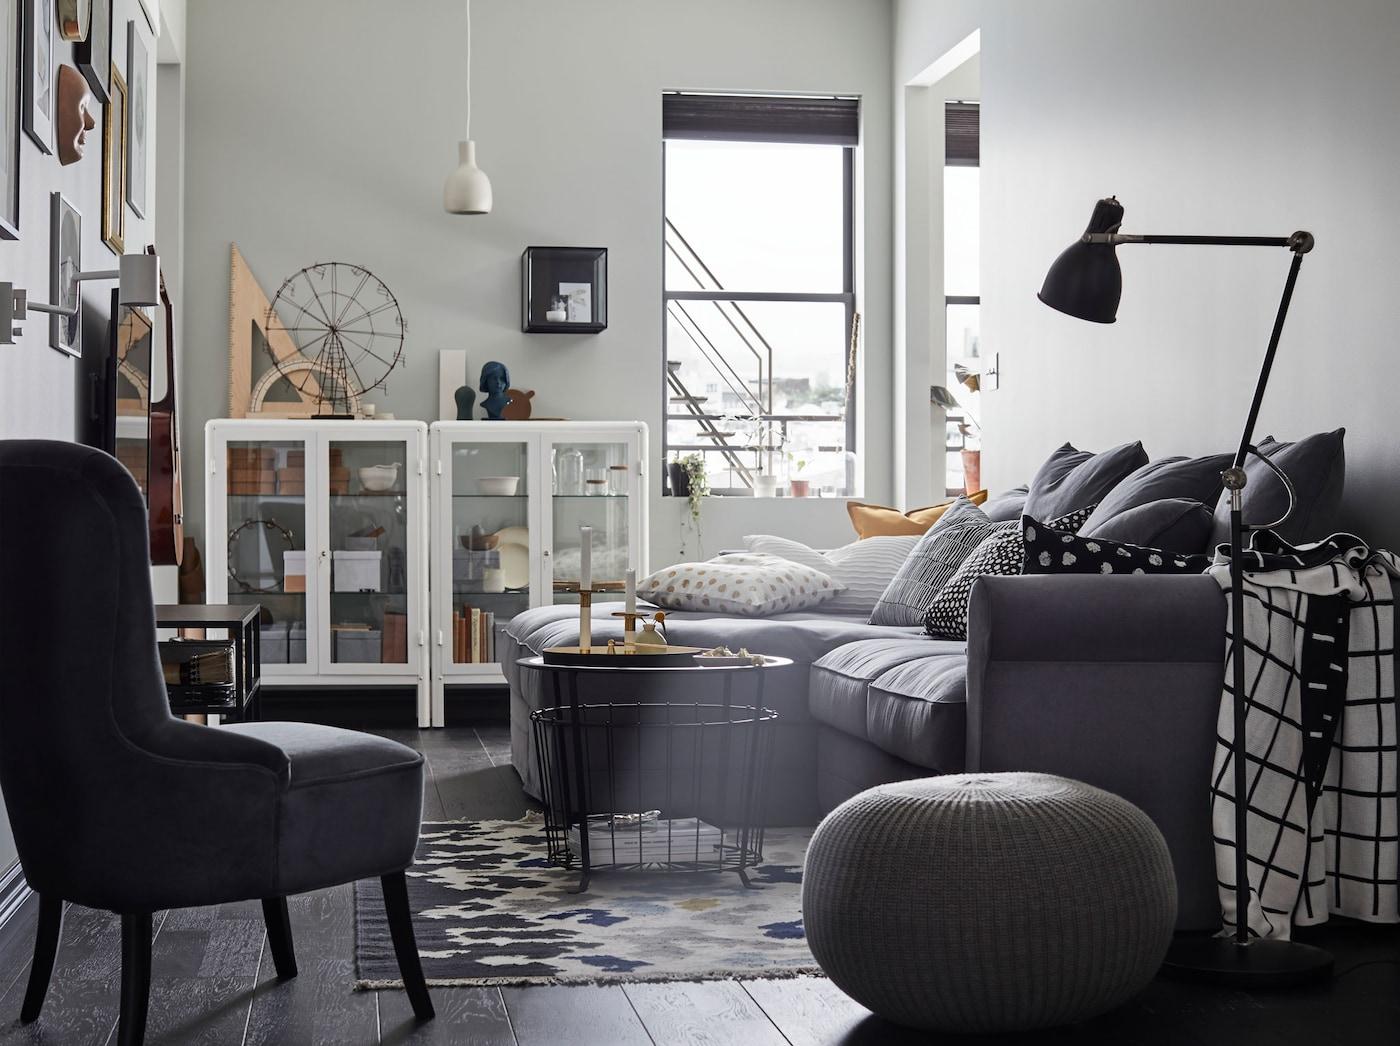 IKEA GRÖNLID LJUNGEN tummanharmaa sohva on tehty kestämään perheen käyttöä kokonaisen eliniän. Sohvassa on pehmeät selkätyynyt. Sohvan moduulirakenteen ansiosta siihen voi lisätä uusia osia, kun perhekoko kasvaa.